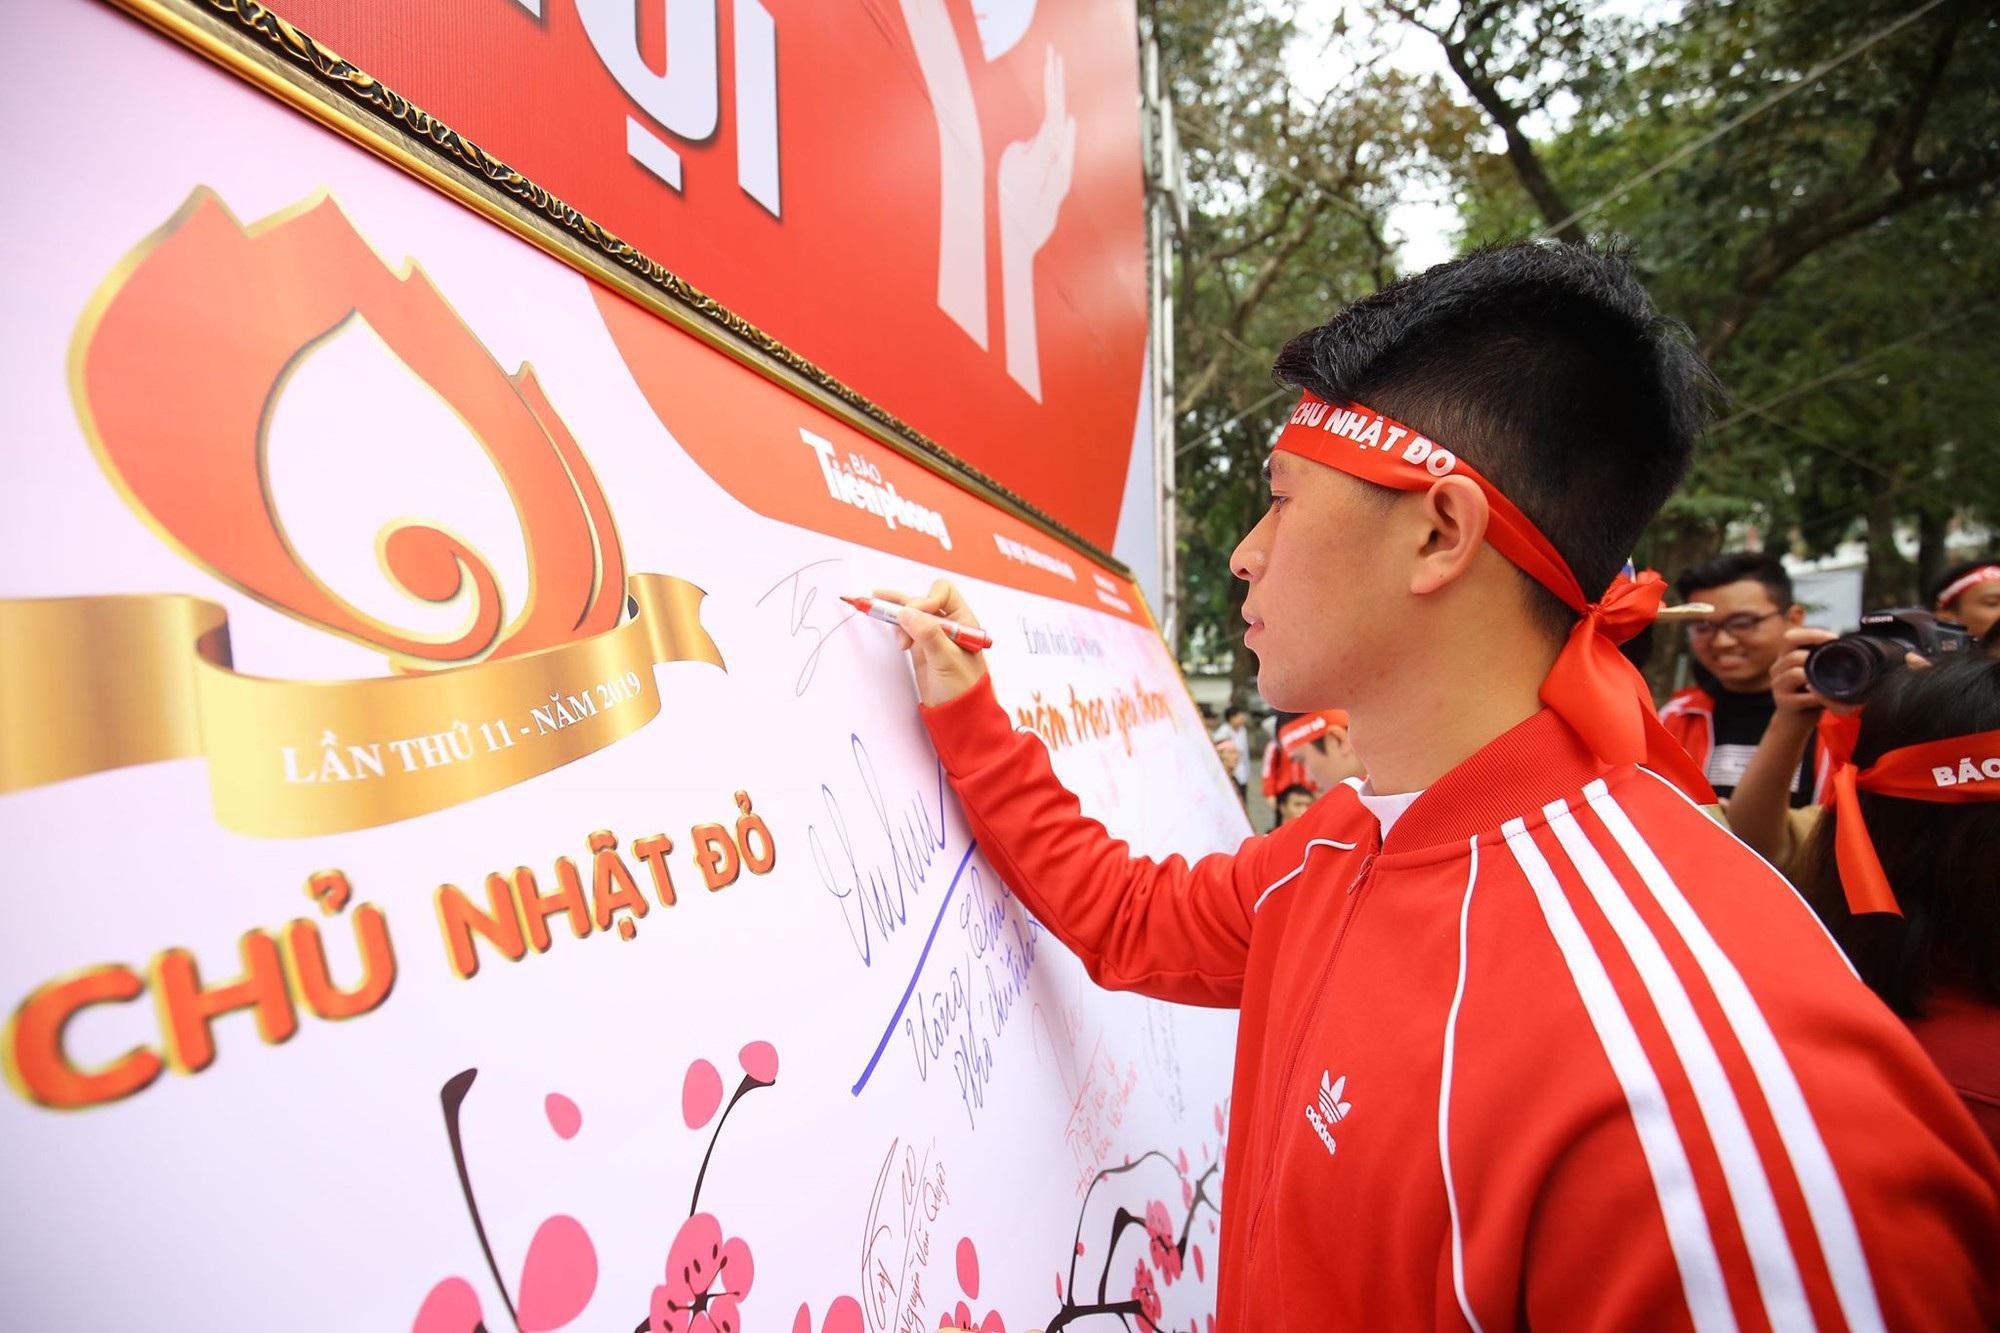 Hoa hậu Trần Tiểu Vy, cầu thủ Đình Trọng, Văn Quyết kêu gọi hiến máu tình nguyện - Ảnh 4.